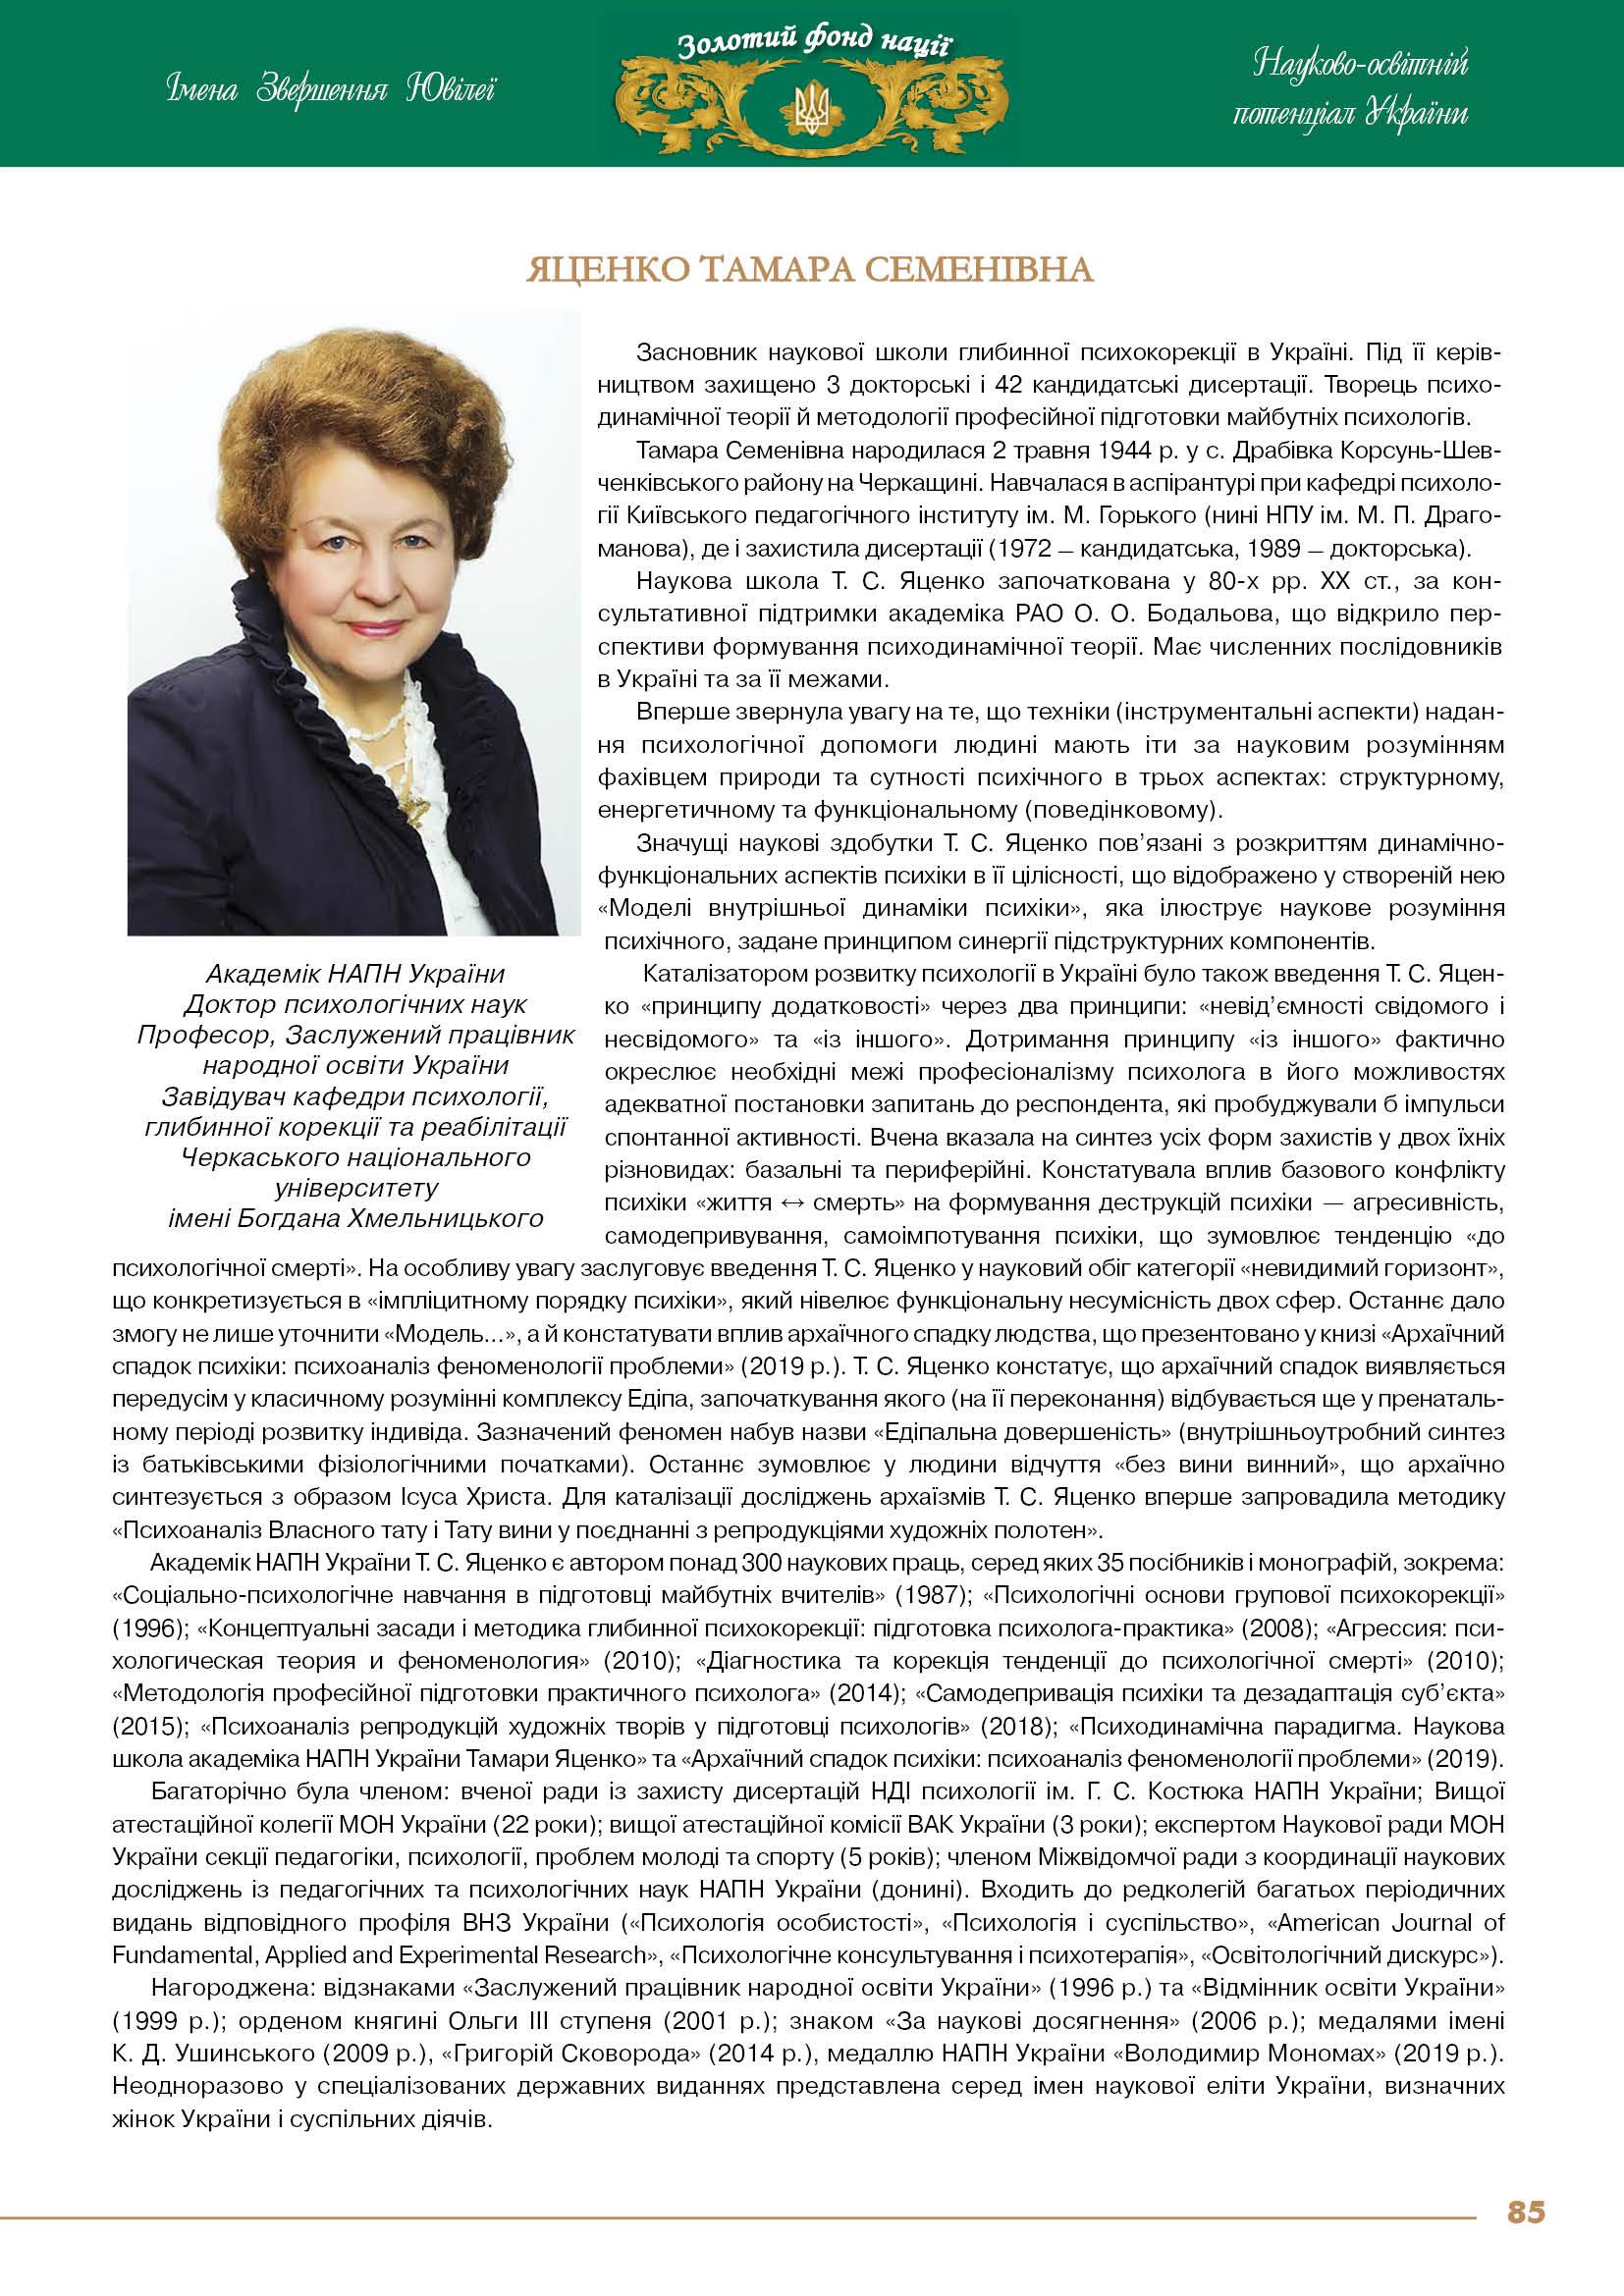 Яценко Тамара Семенівна